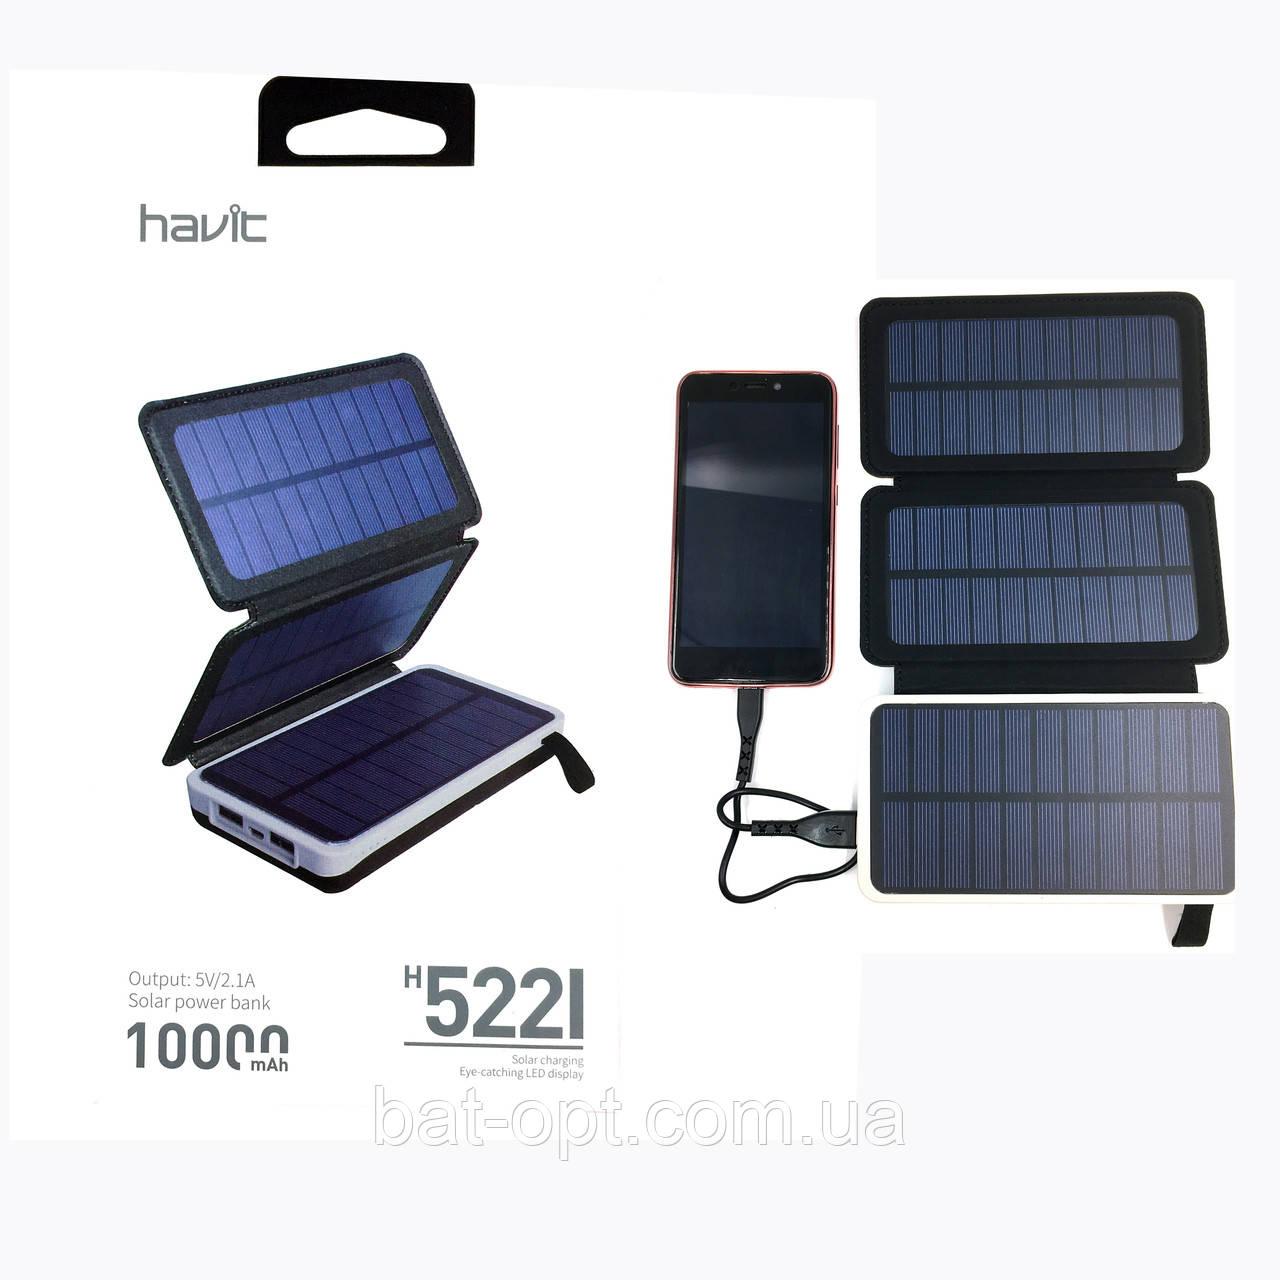 Внешний аккумулятор Power Bank Havit HV-H522I 10000 mAh с солнечной панелью черный